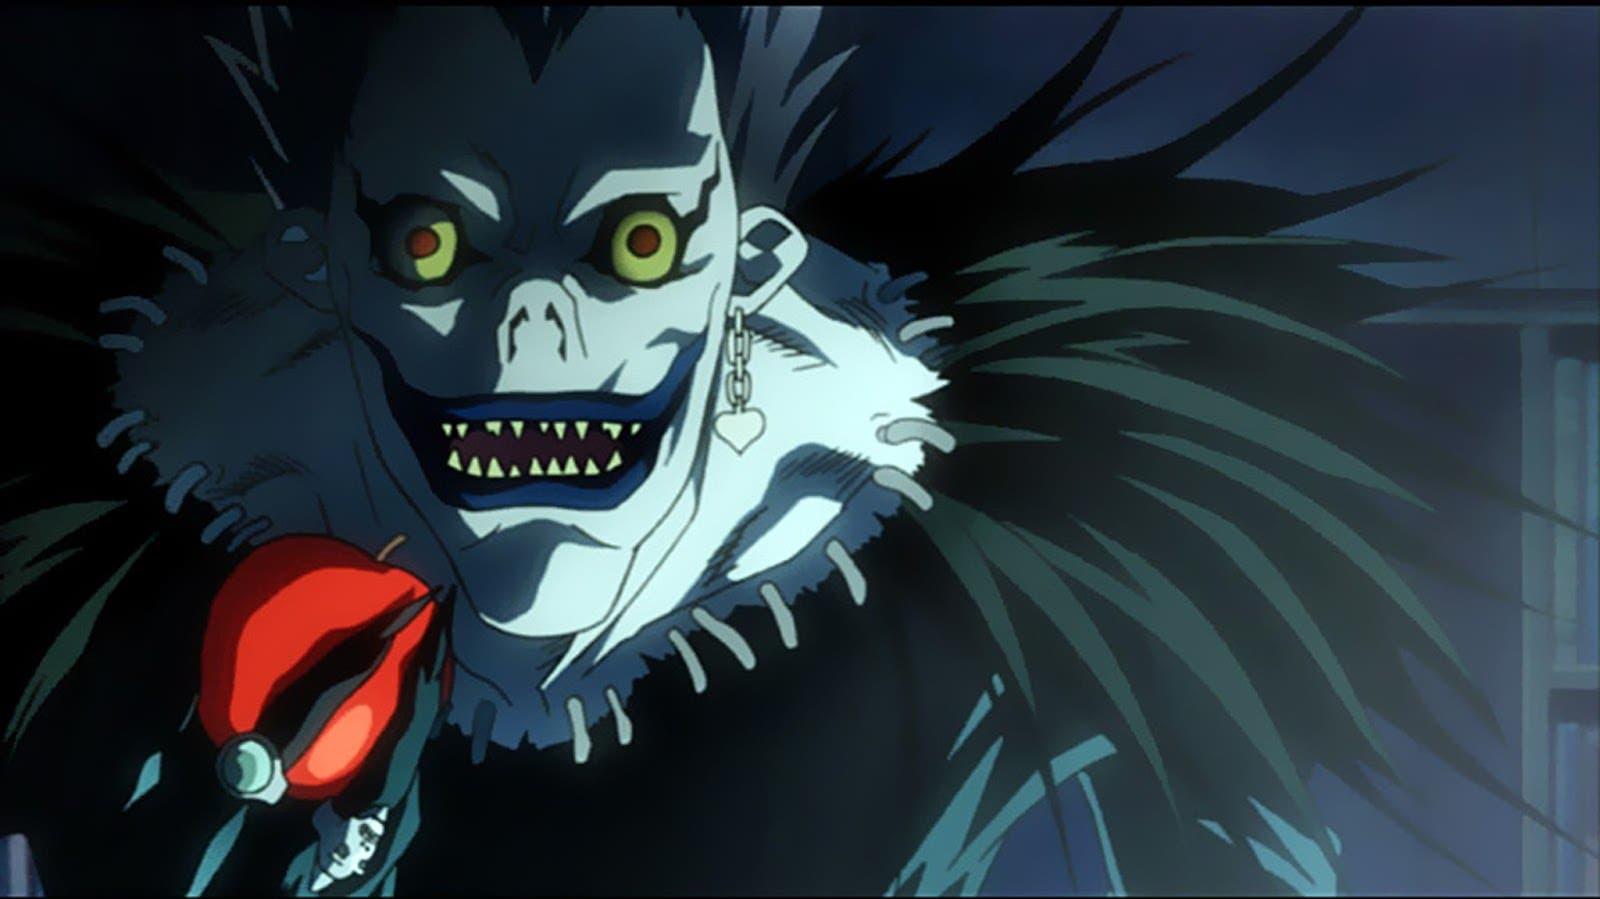 Se filtra el nuevo manga de Death Note antes de su lanzamiento